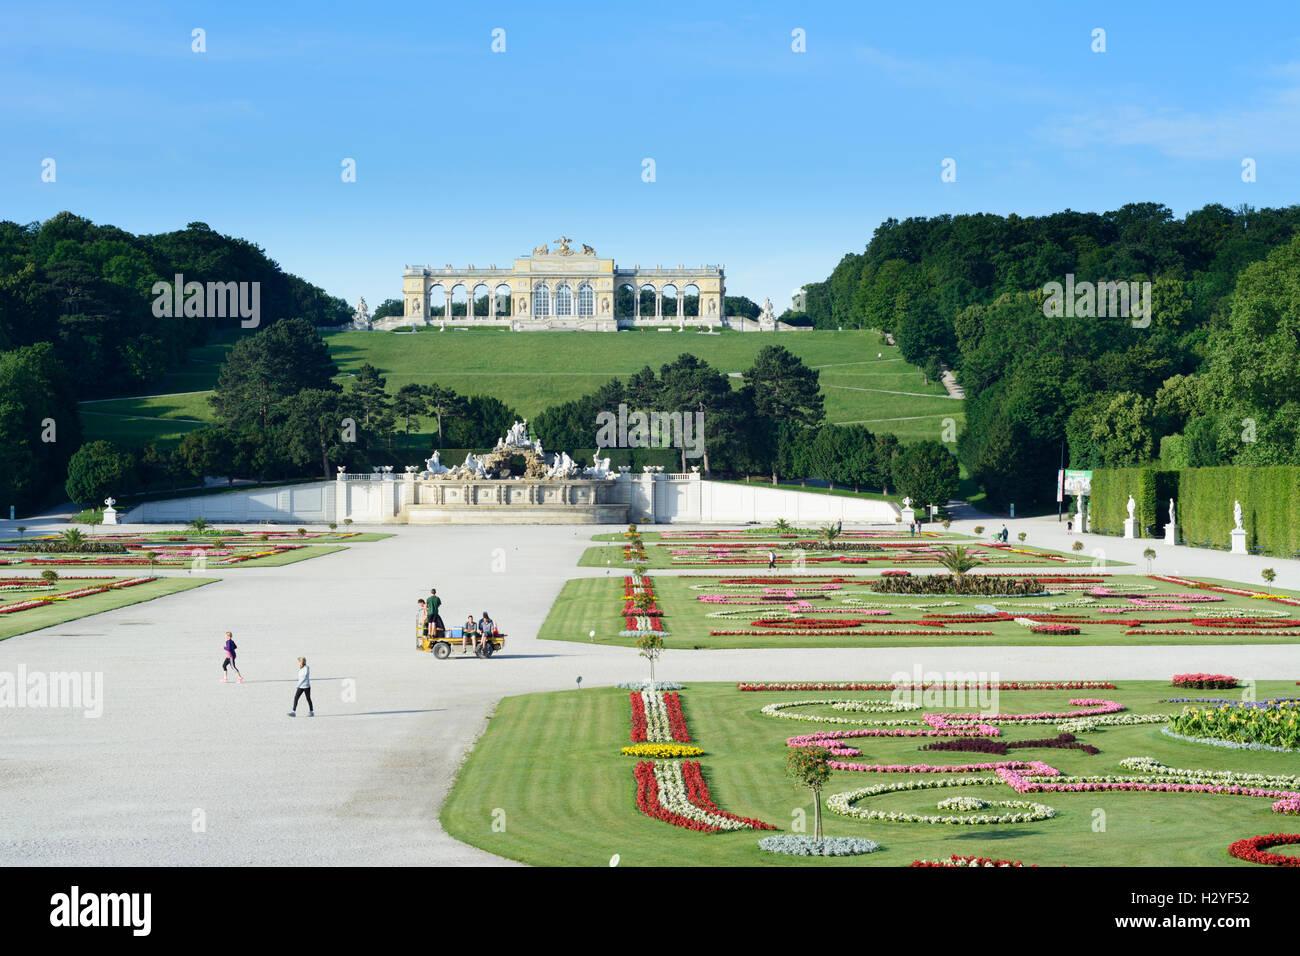 Wien, Vienna: Gloriette in Schlosspark (palace park) Schönbrunn, 13., Wien, Austria - Stock Image